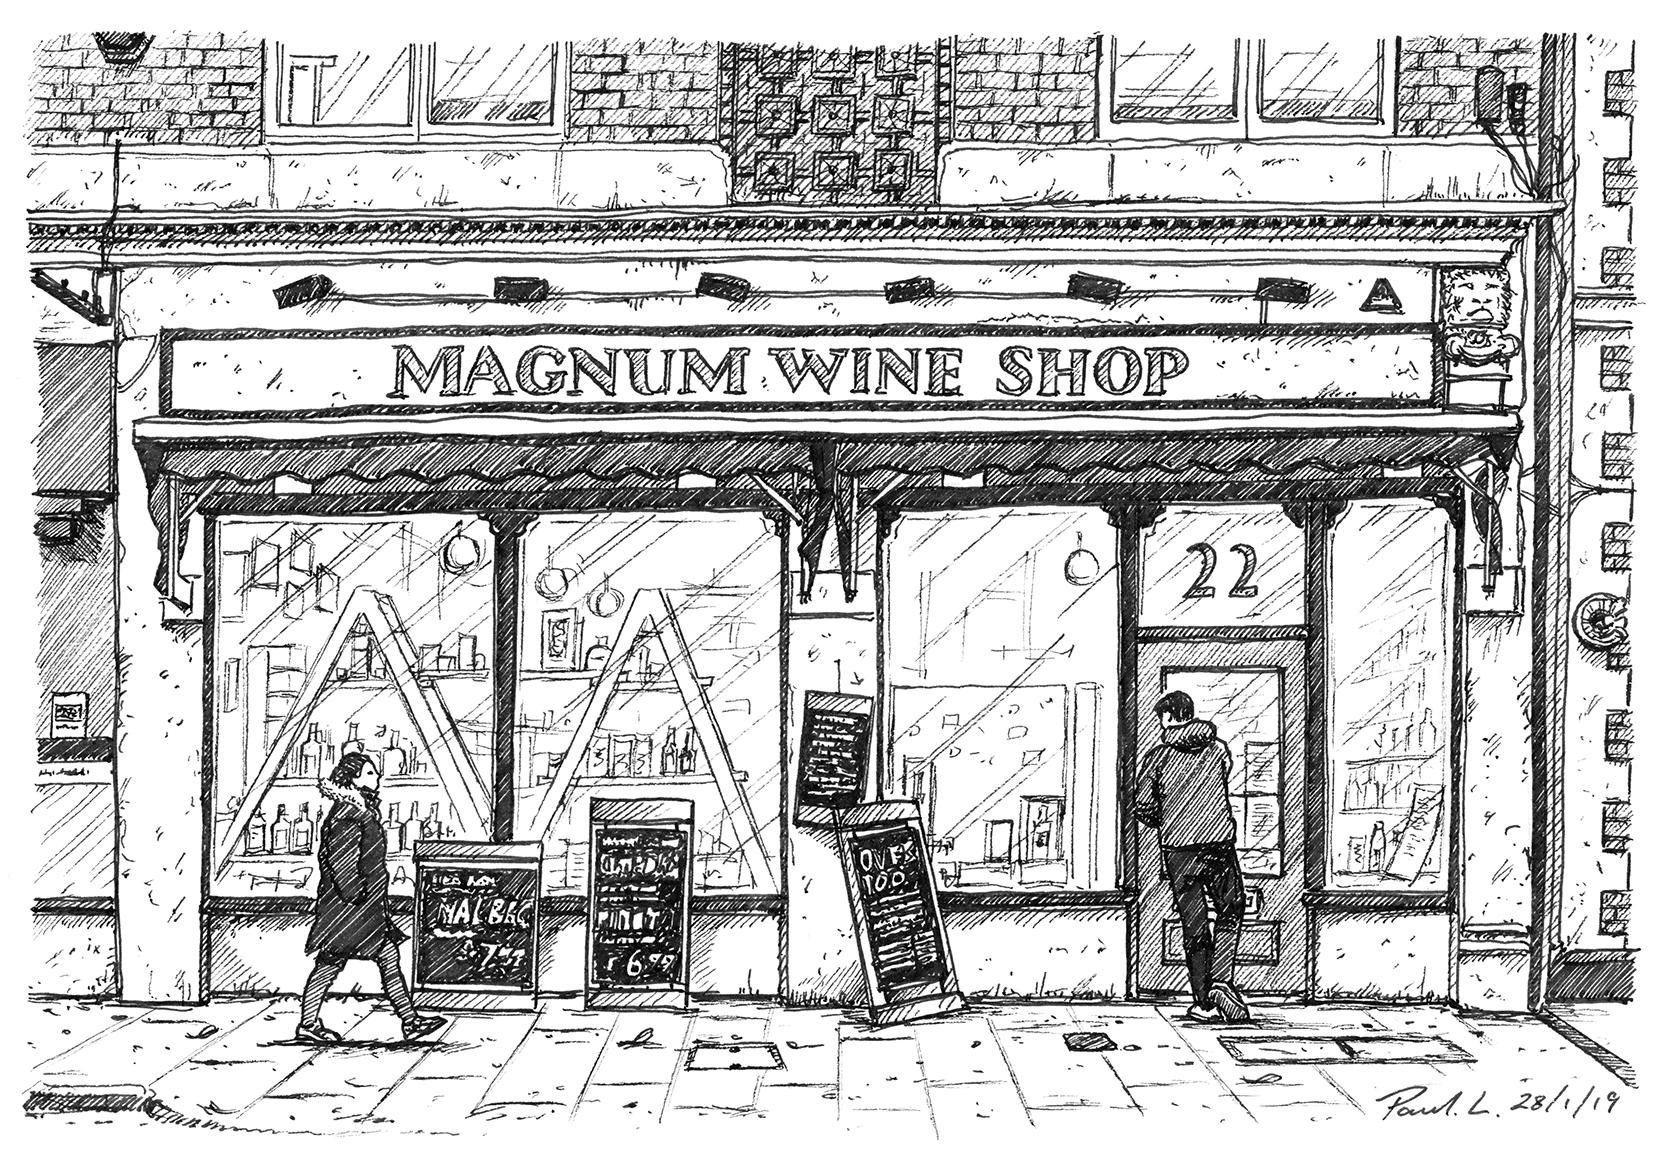 Magnum Wine